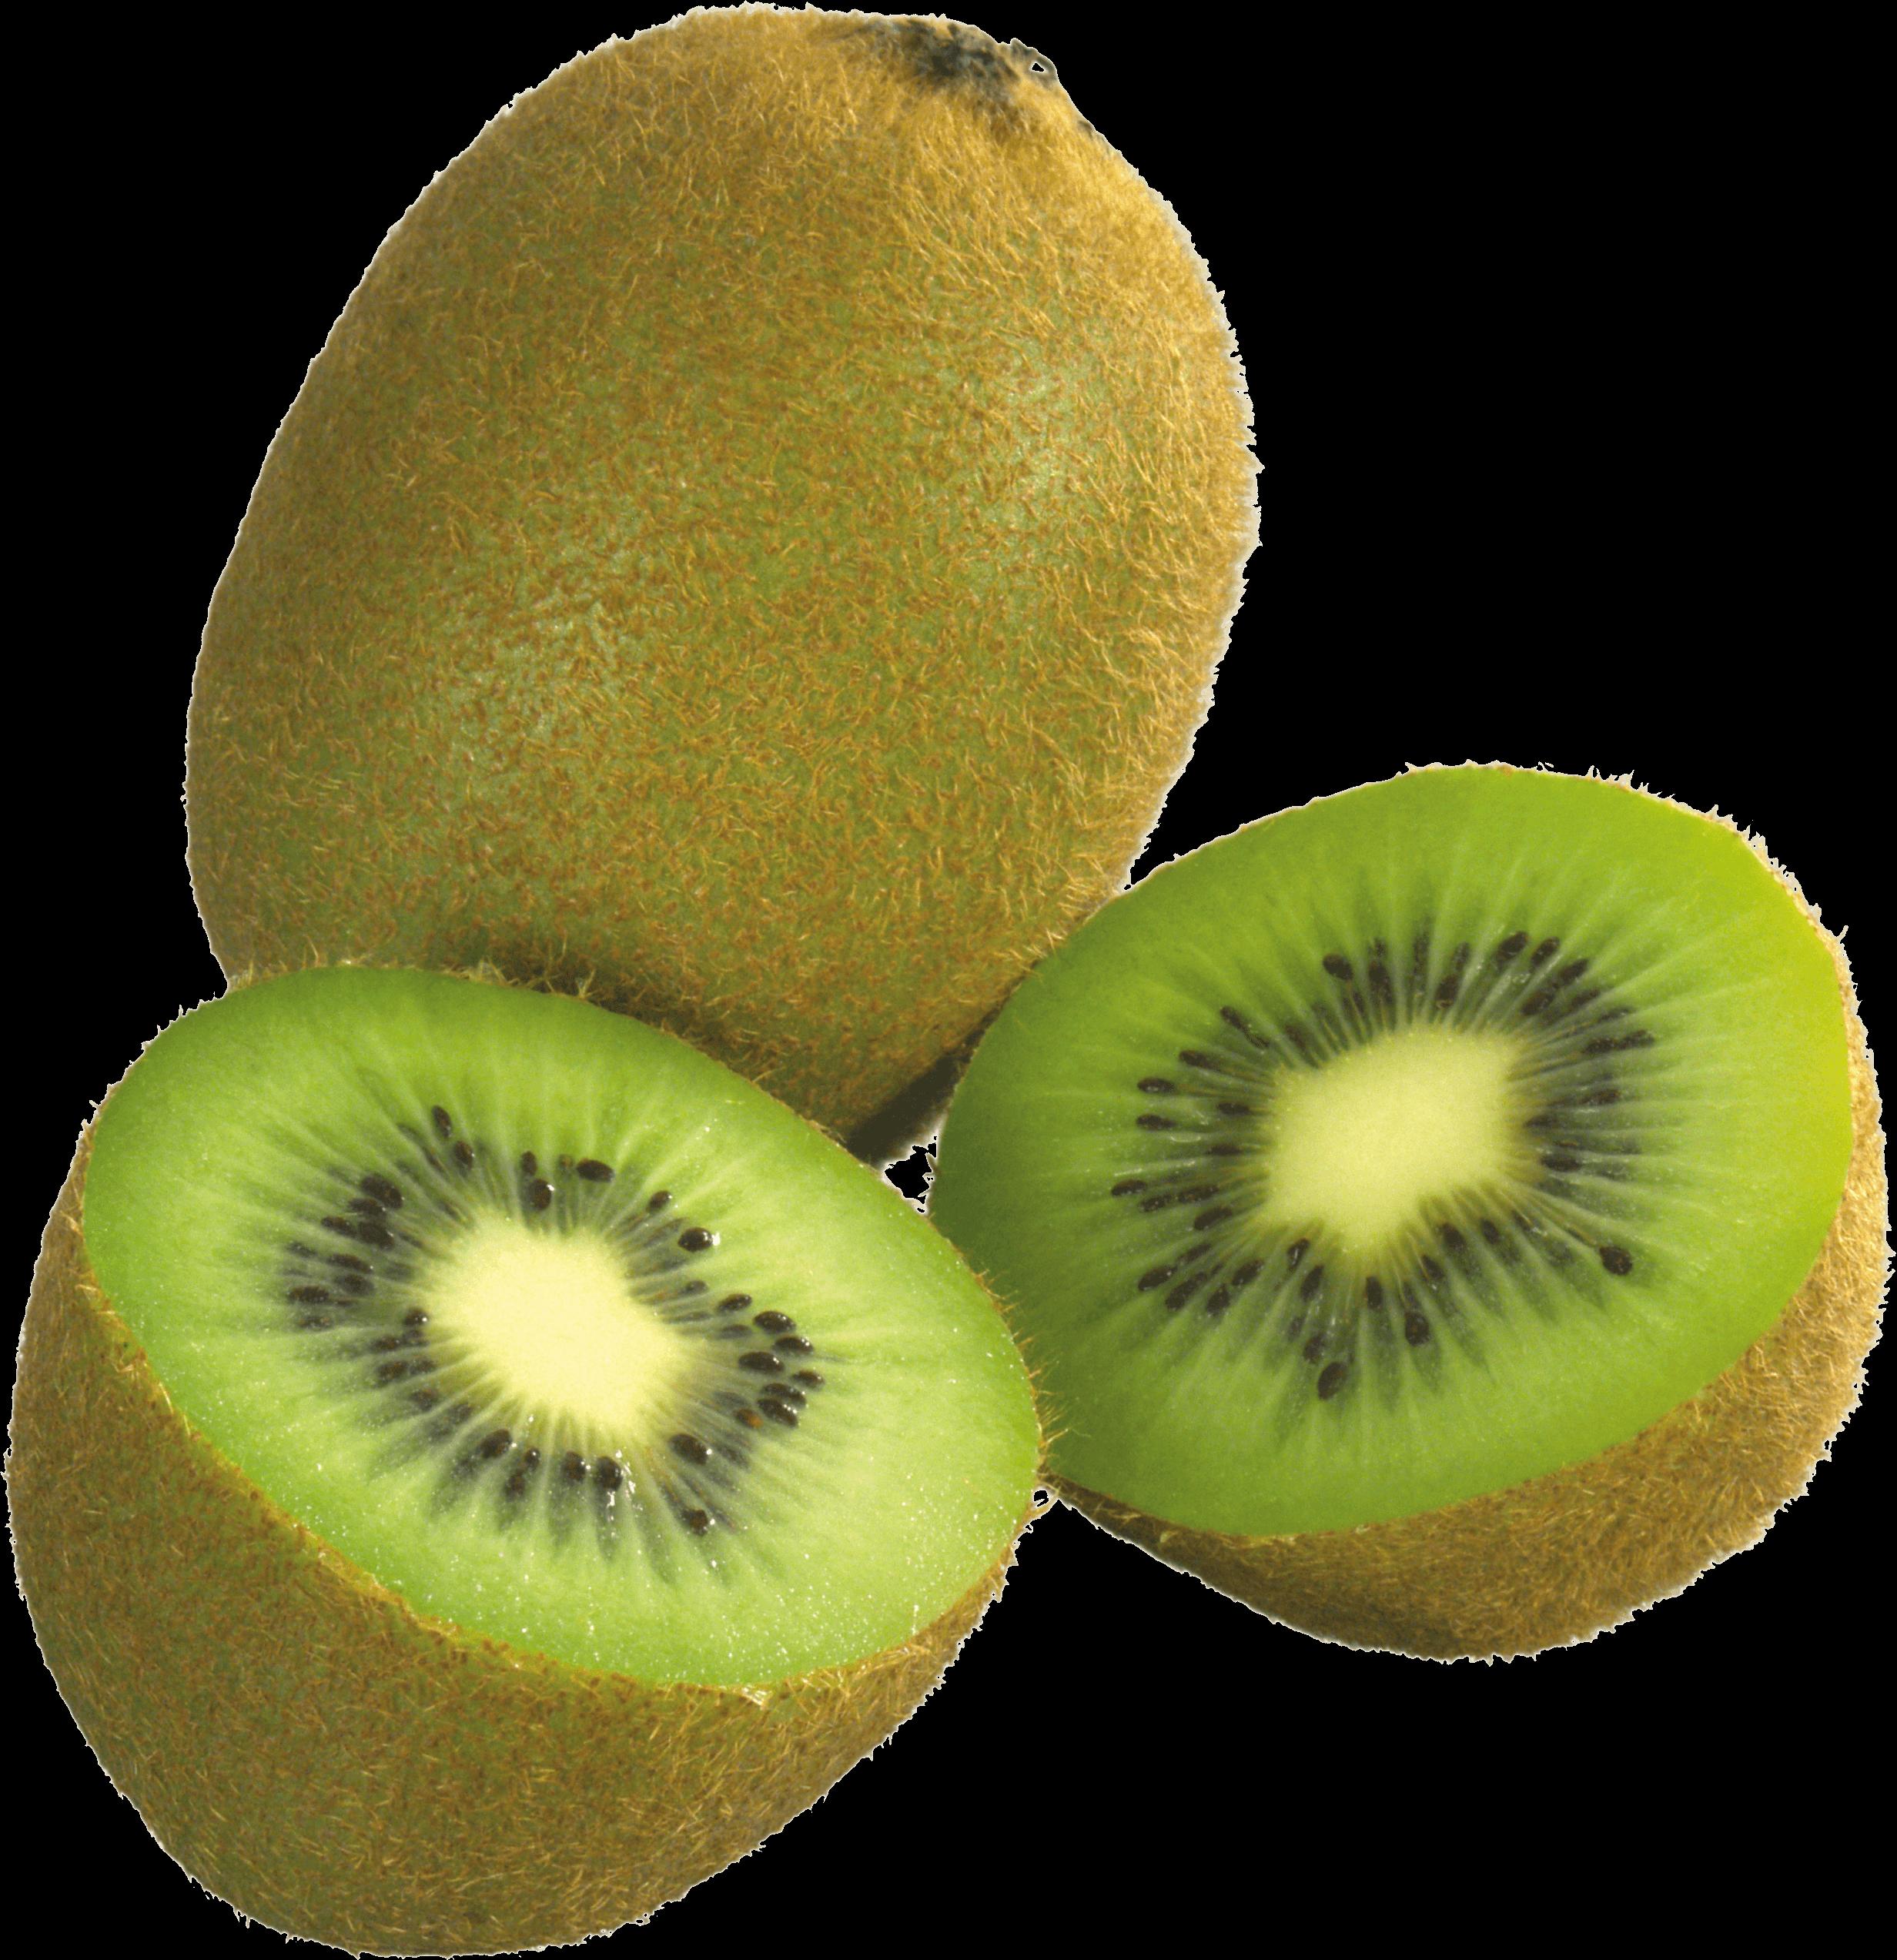 Epingle Sur Kock Gronsaker Frukt O Mat